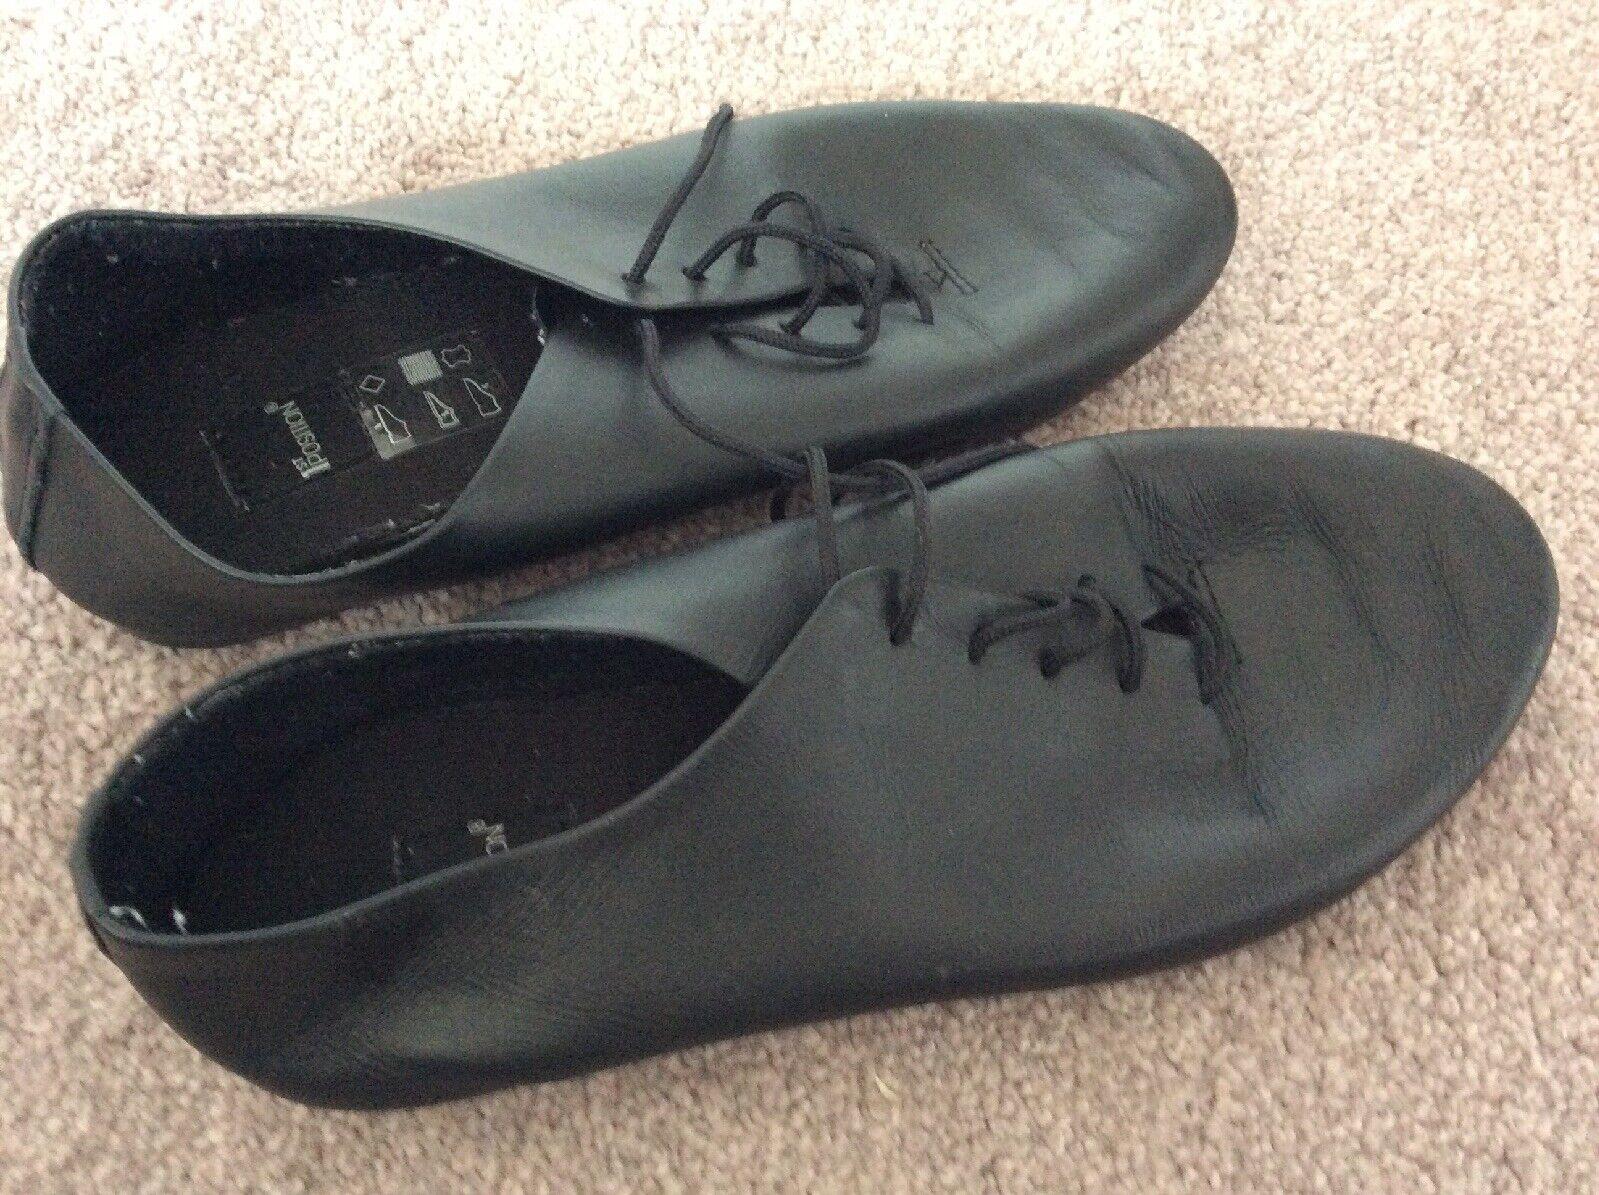 Girls 3 Dance Ballet Shoes 1st Position black flat laces